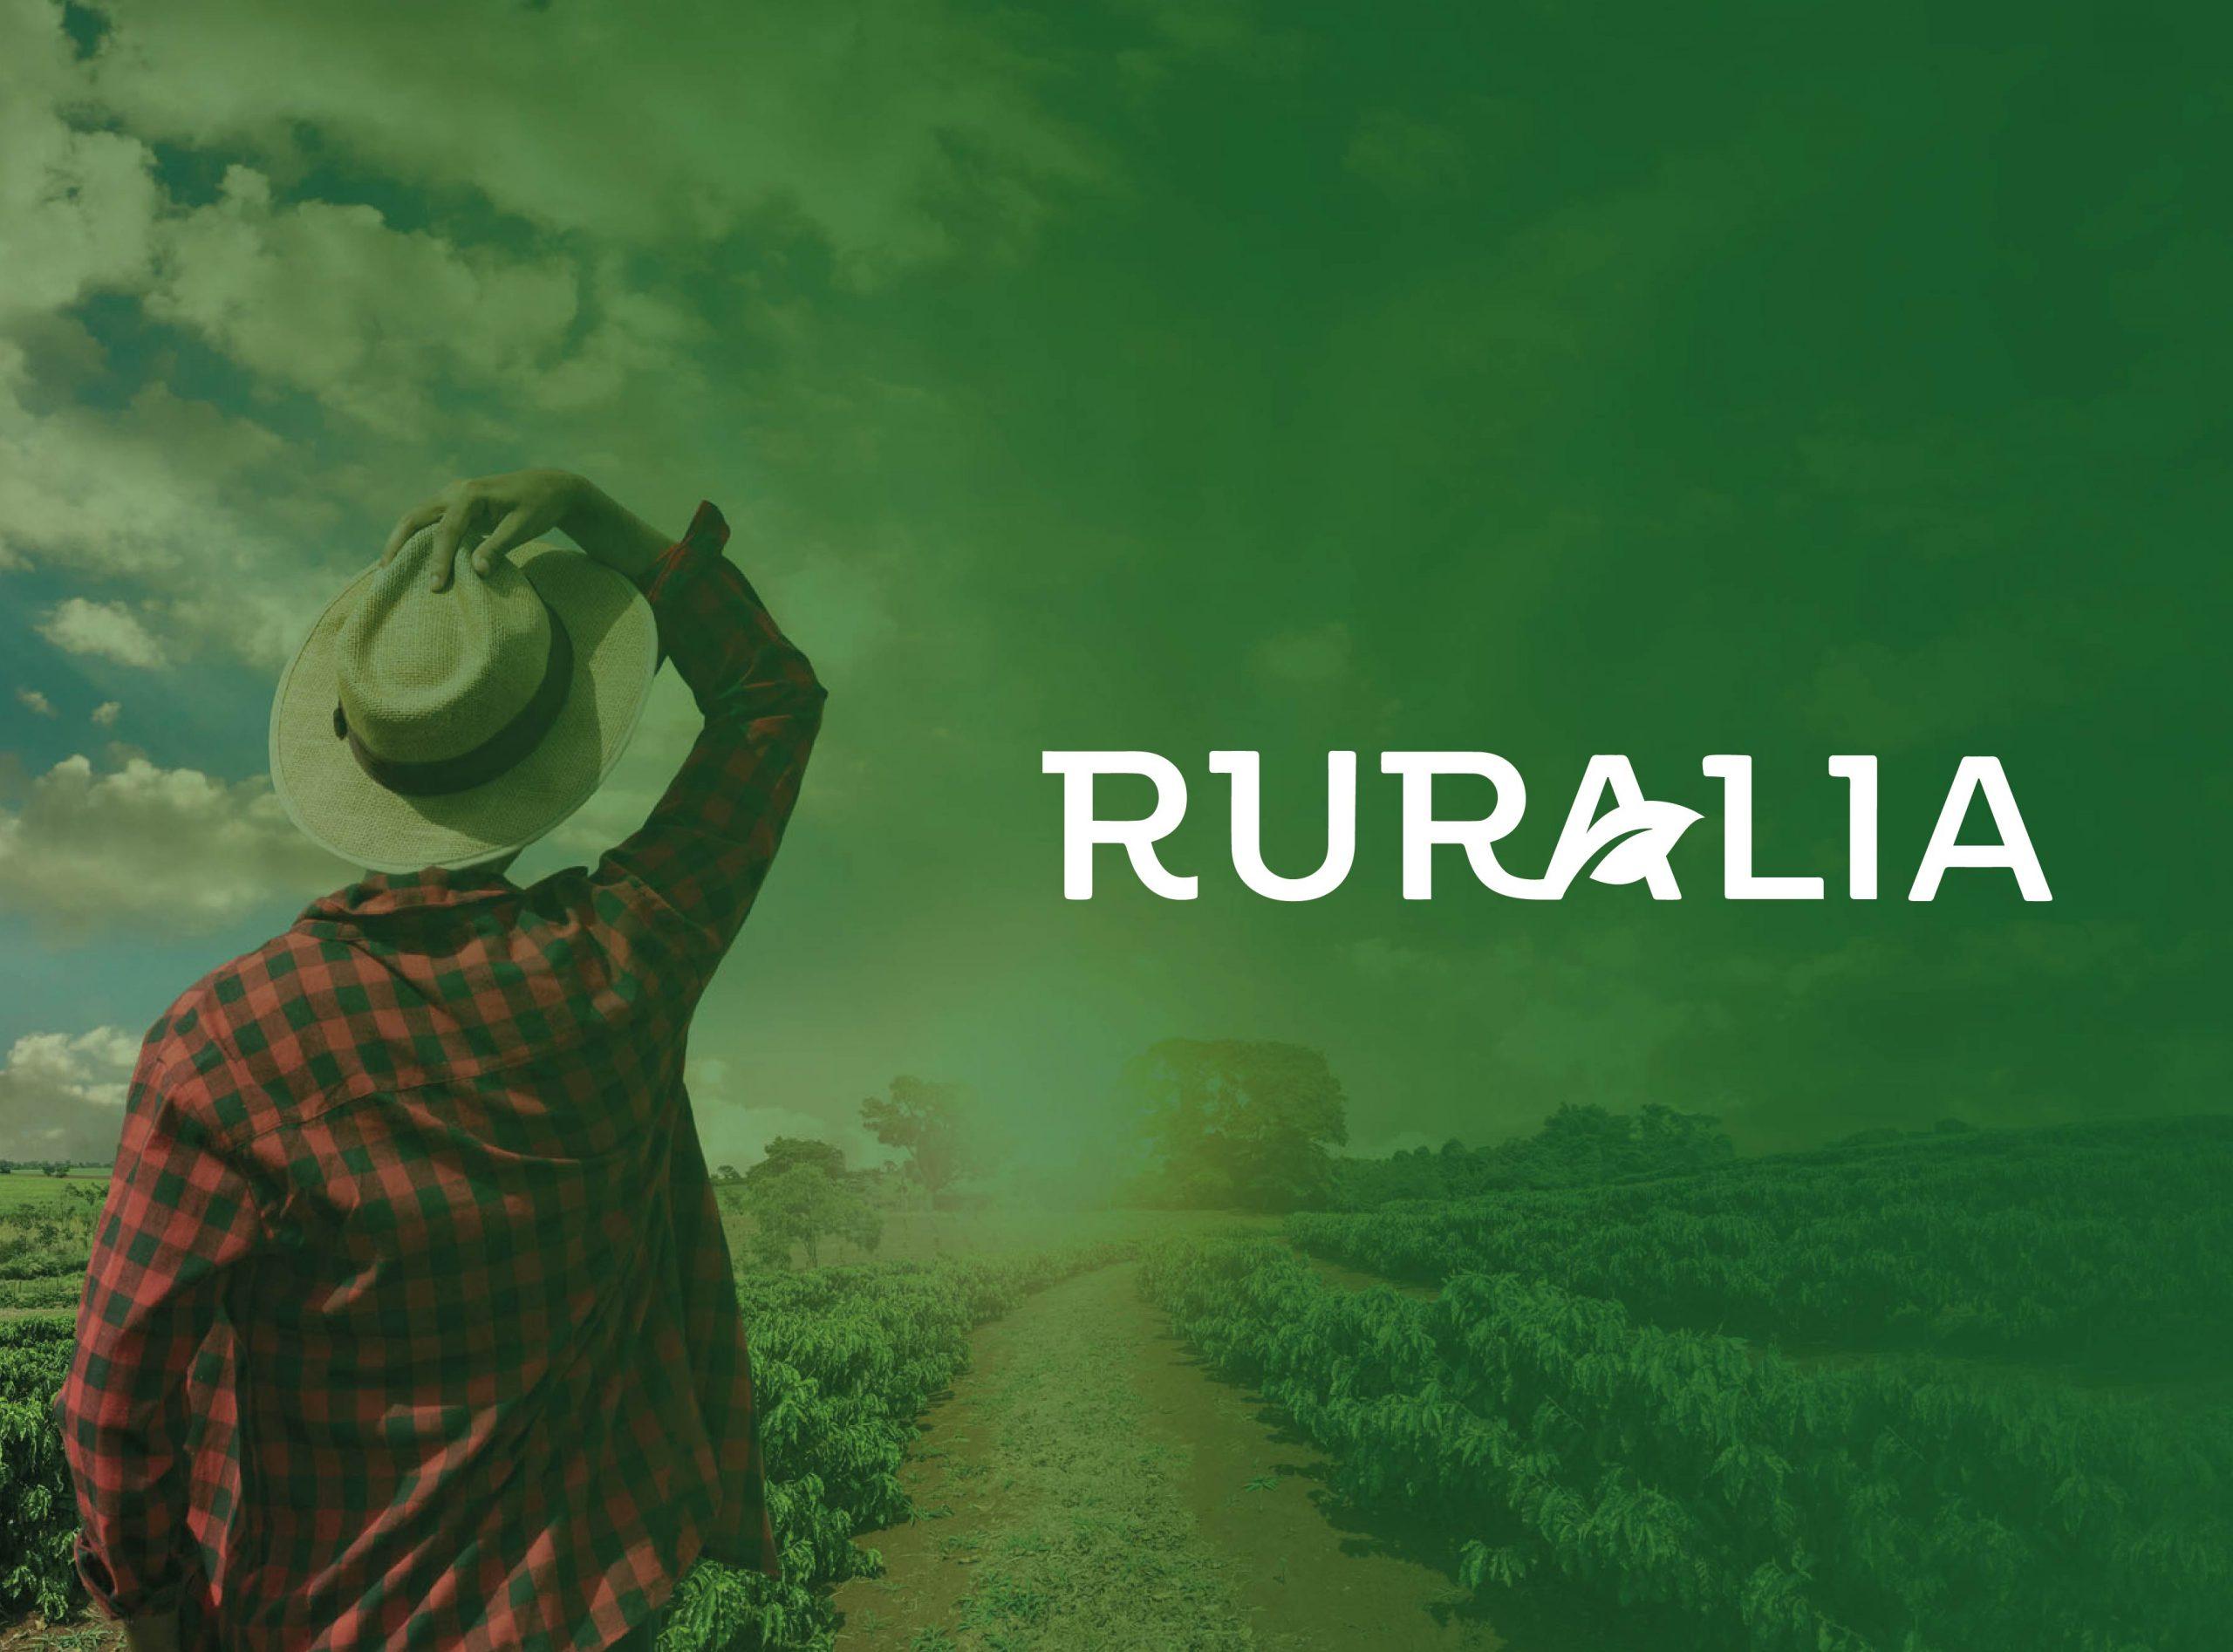 RURALIA-04